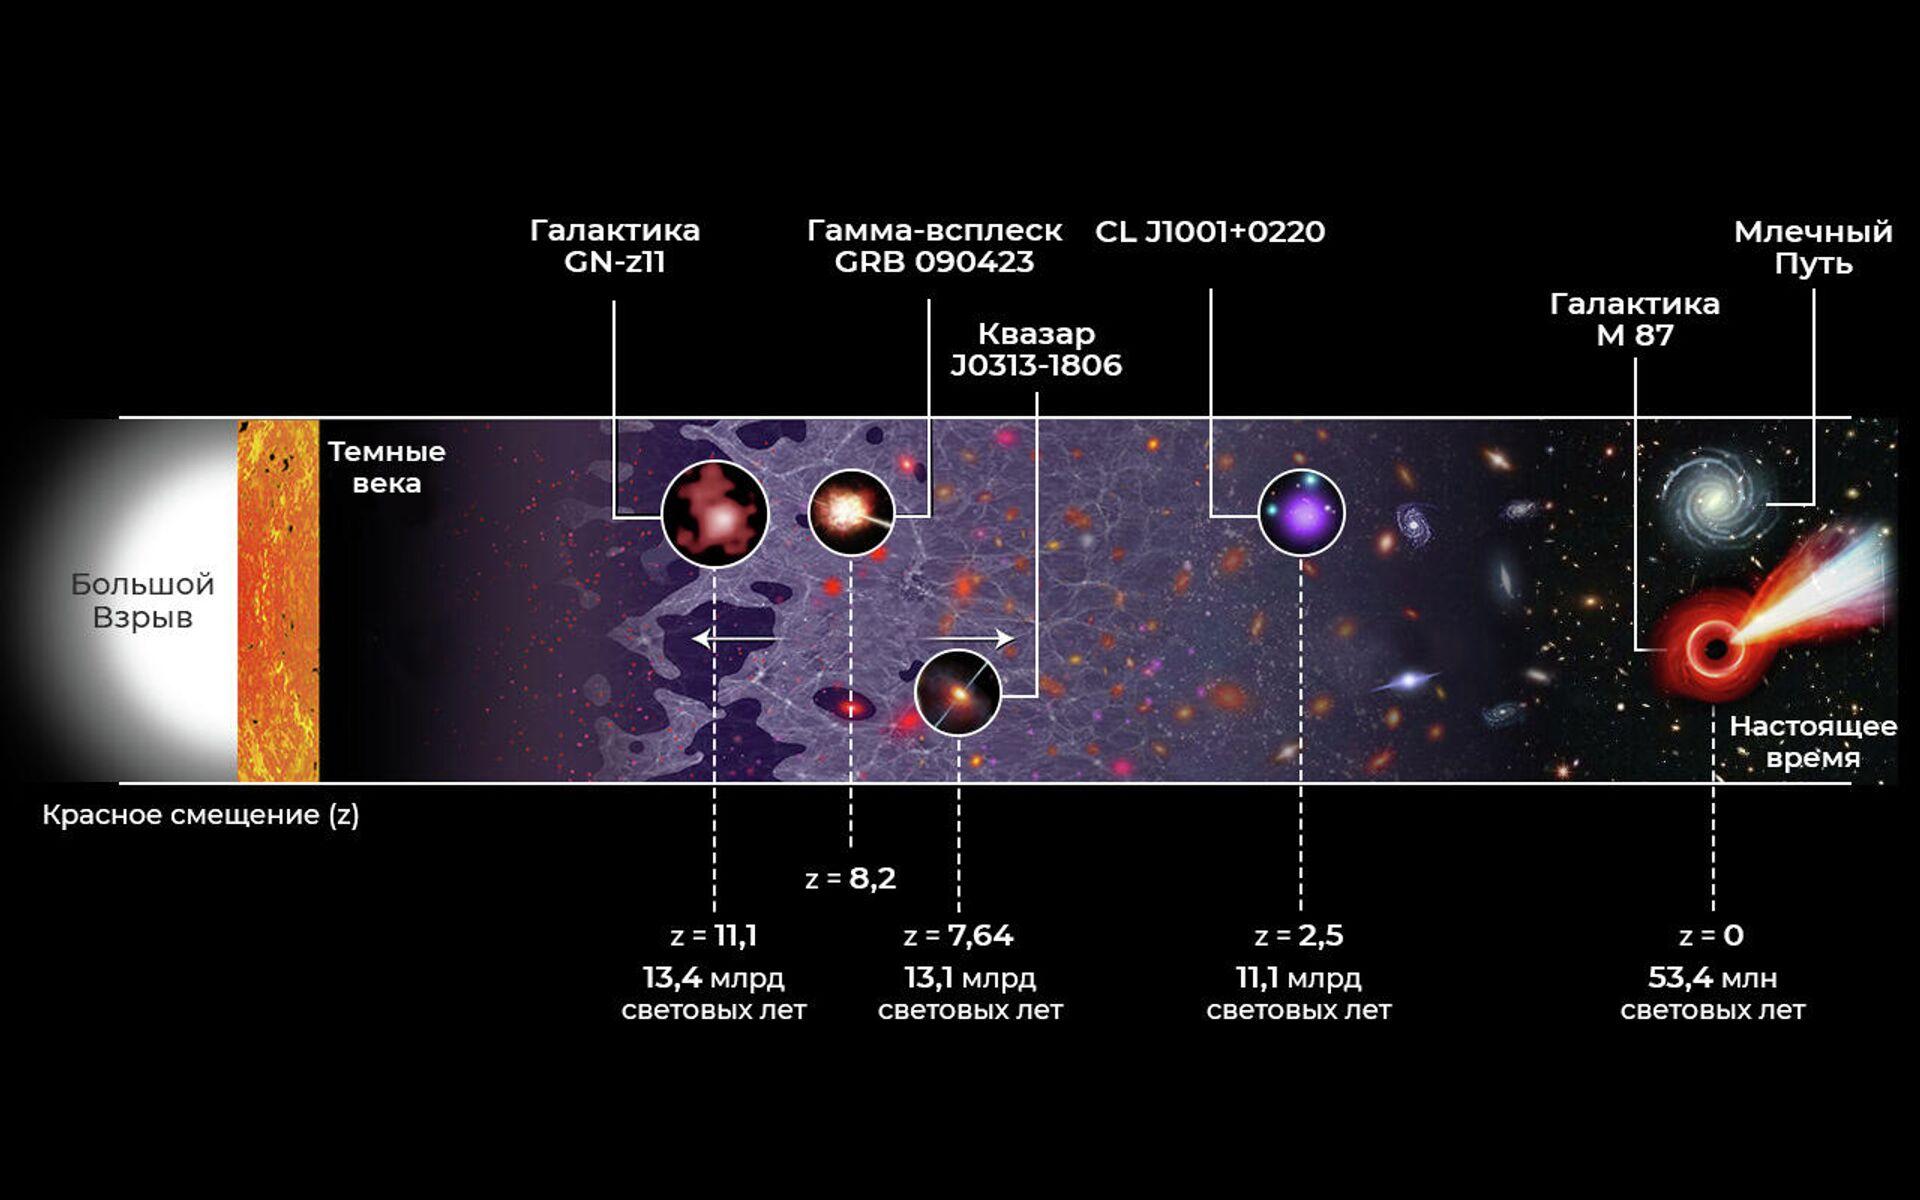 Призраки во Вселенной. Как изучают объекты самого дальнего космоса